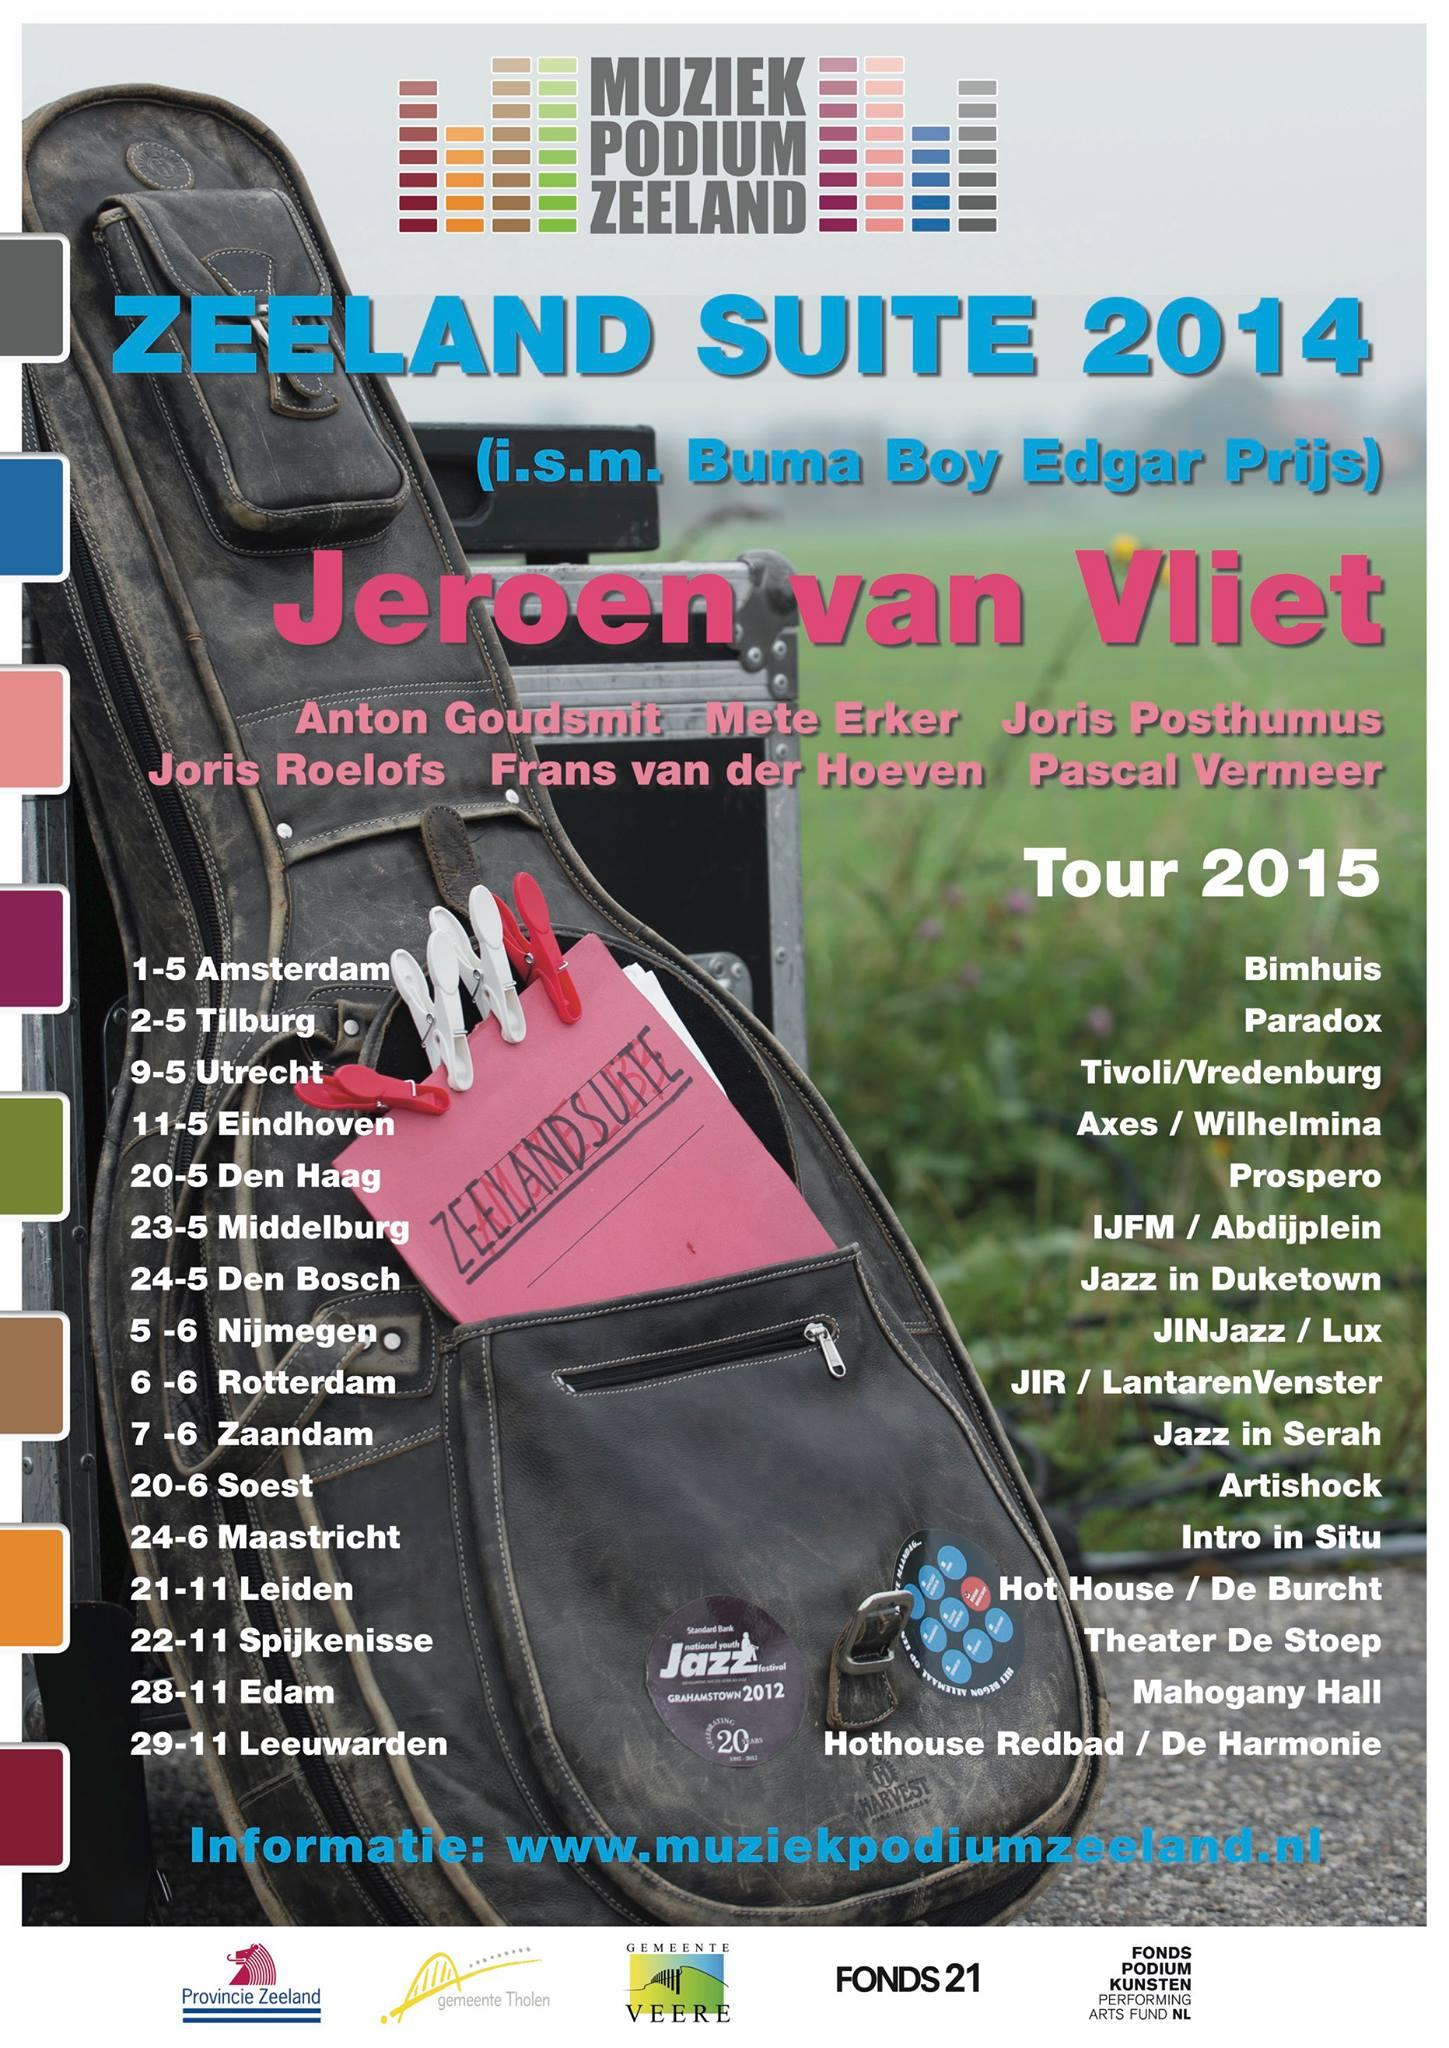 zeeland-suite-poster